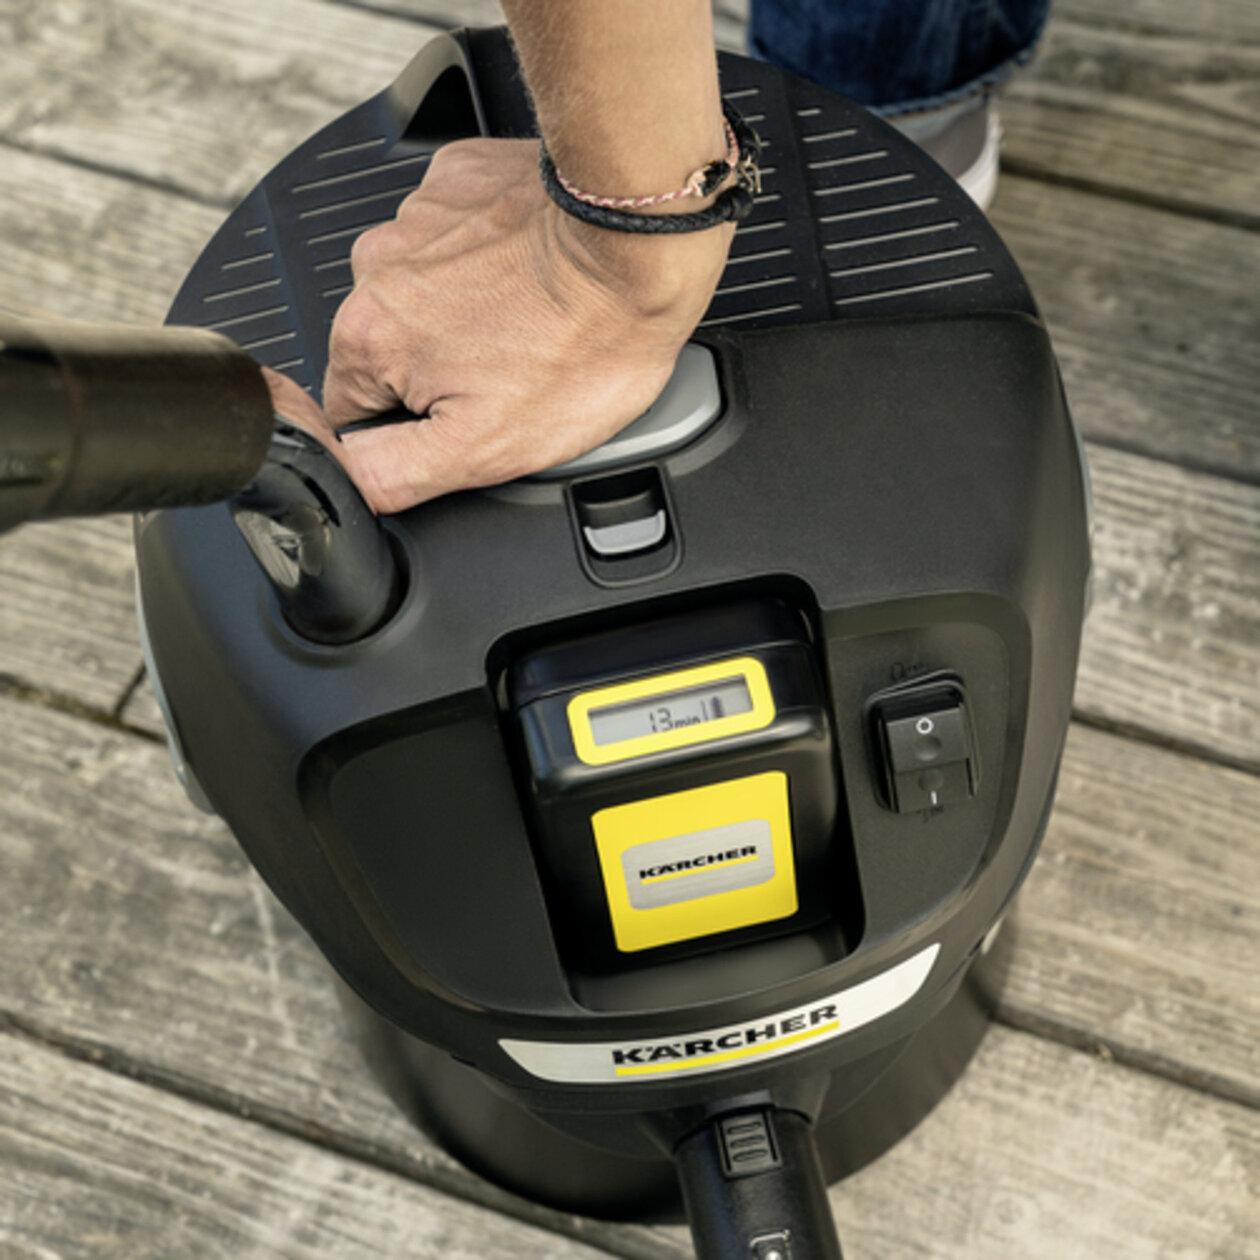 Пылесос для золы AD 2 Battery: Технология Kärcher ReBoost: очистка фильтра нажатием кнопки